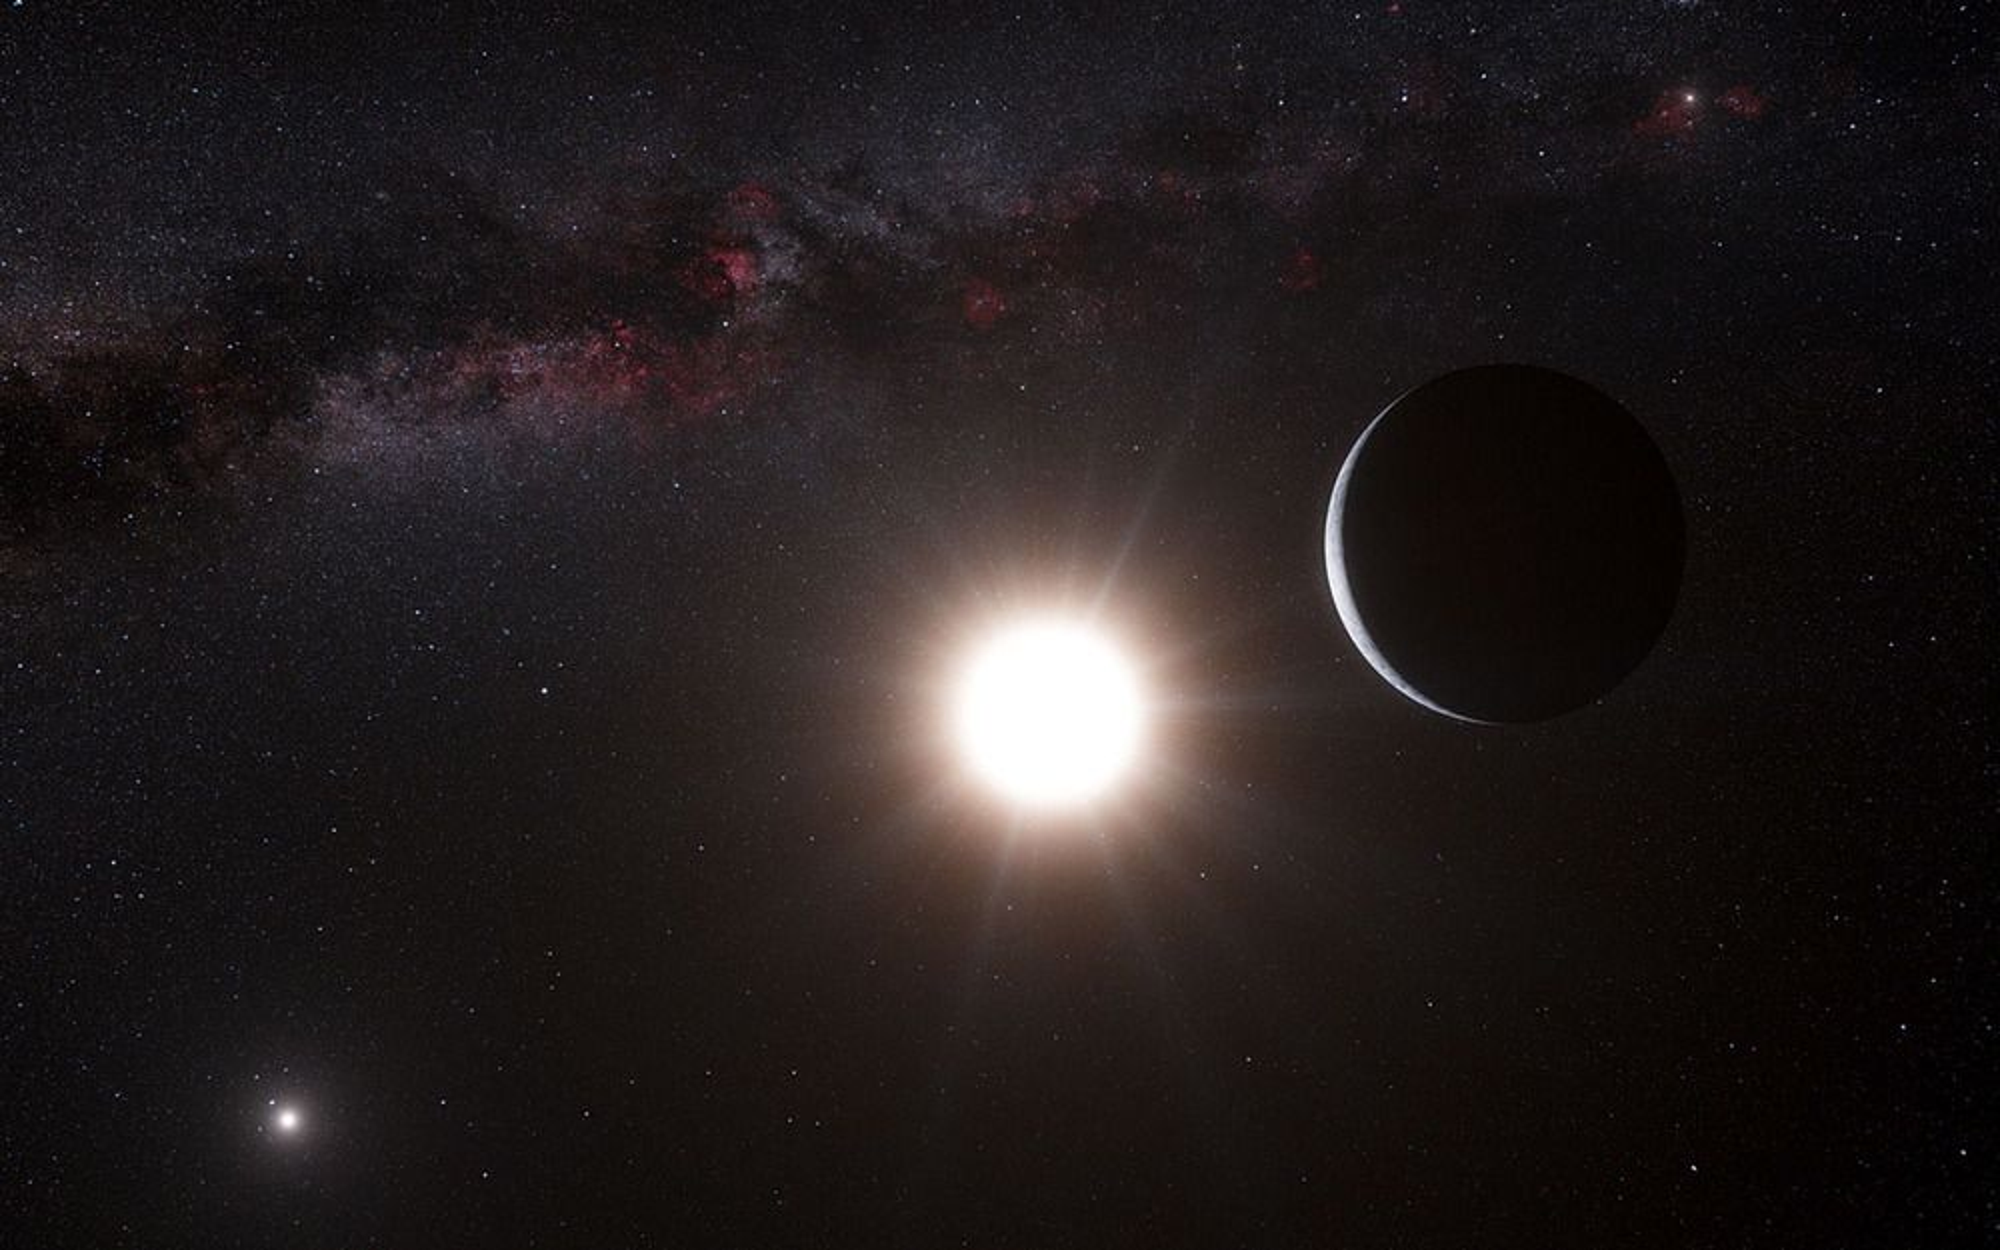 Det nye romforskningssenteret skal gi bedre svar på hvordan jorda er koblet sammen med verdensrommet. Foto: Reuters